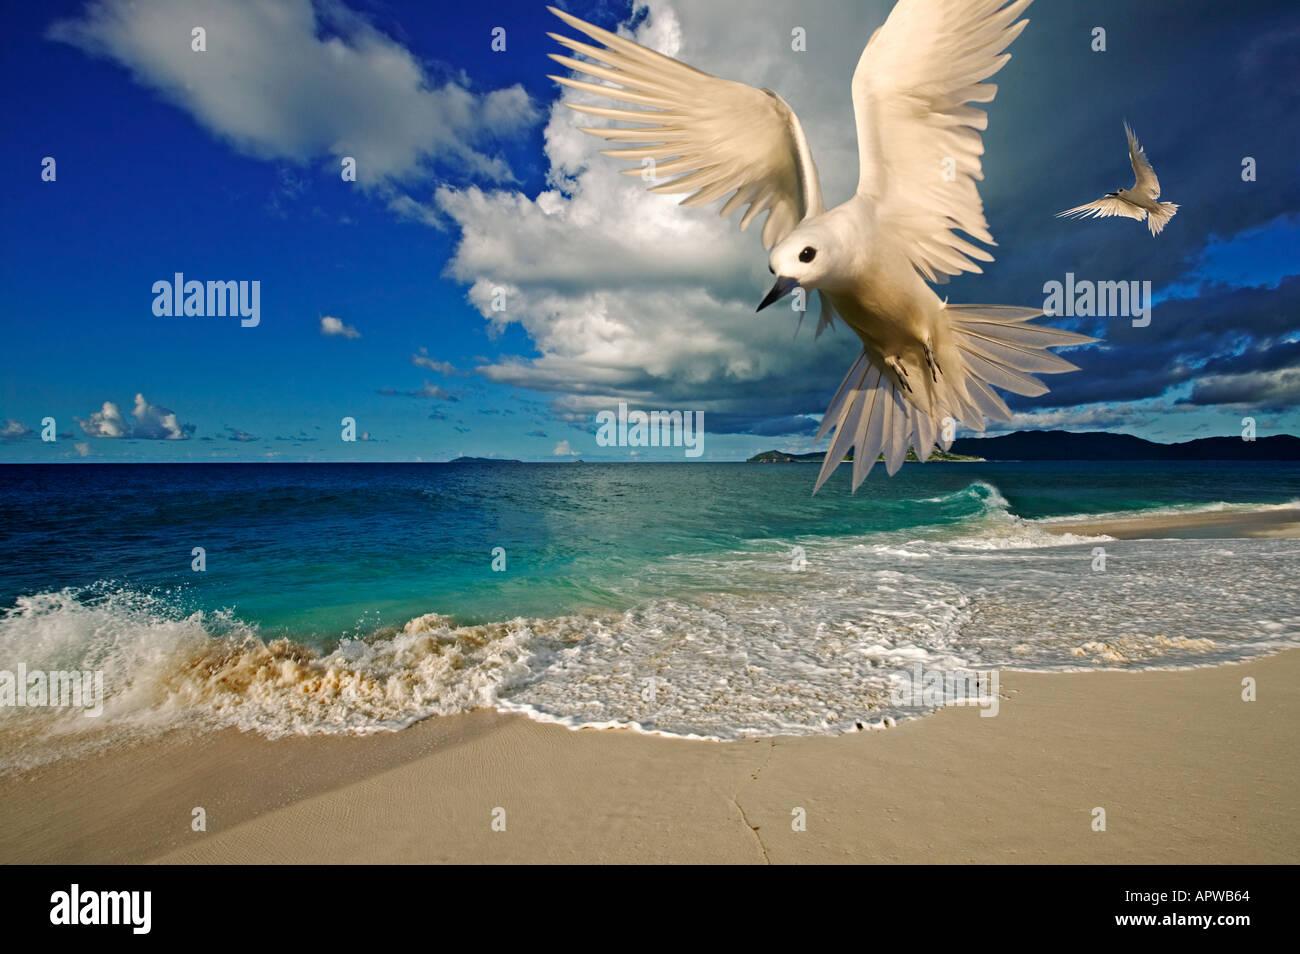 Scène de plage tropicale avec White fairy tern Gygis alba Cousine Island Seychelles image modifiée numériquement Photo Stock